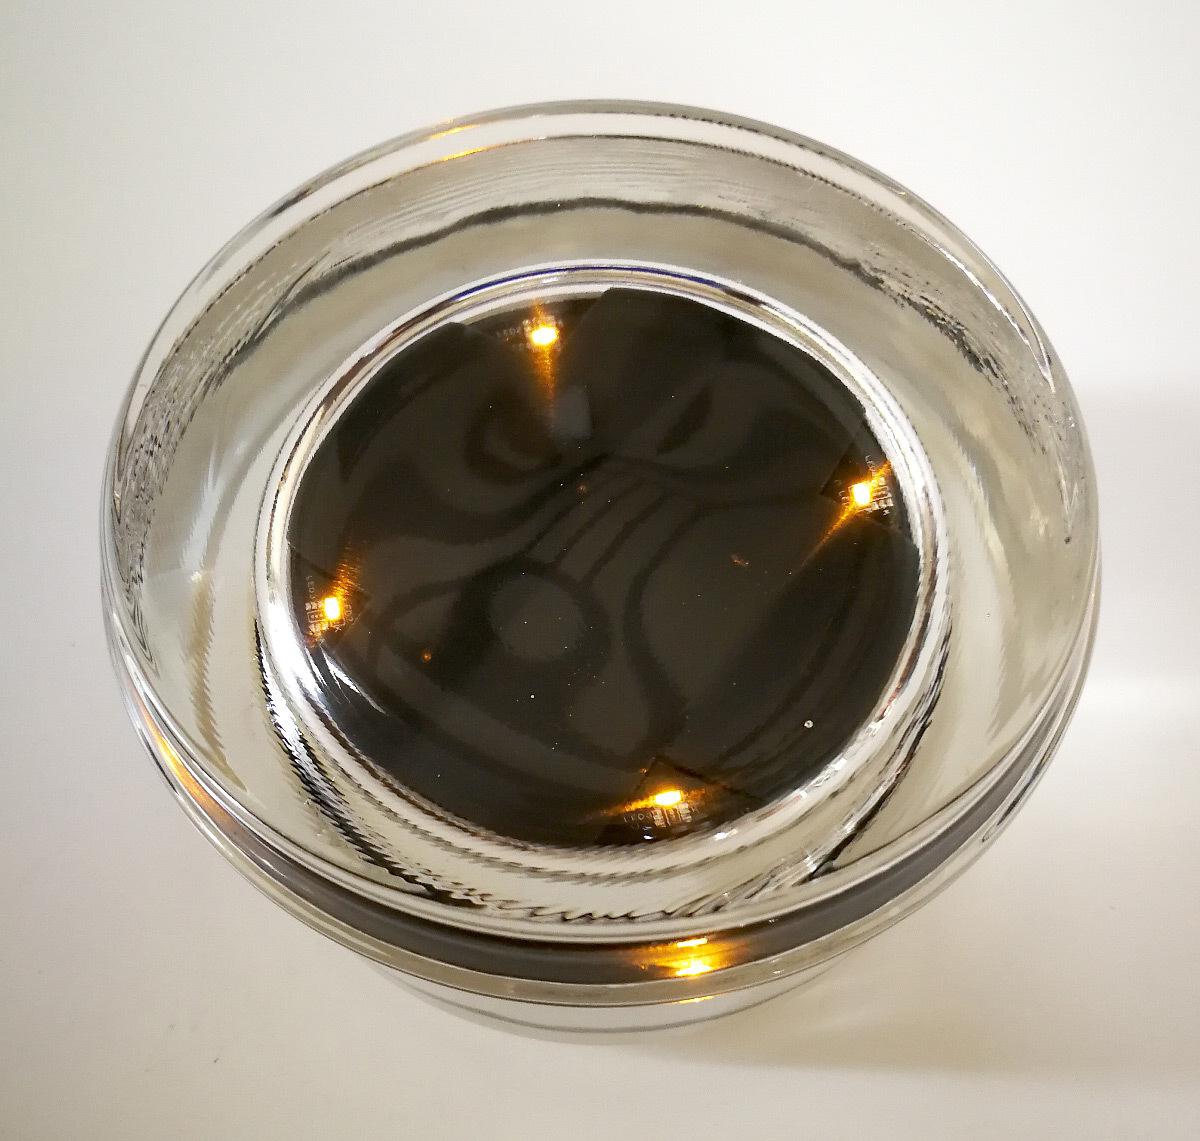 Vue de jour du plot Cristal LED ambre - balisage solaire © Nowatt Lighting